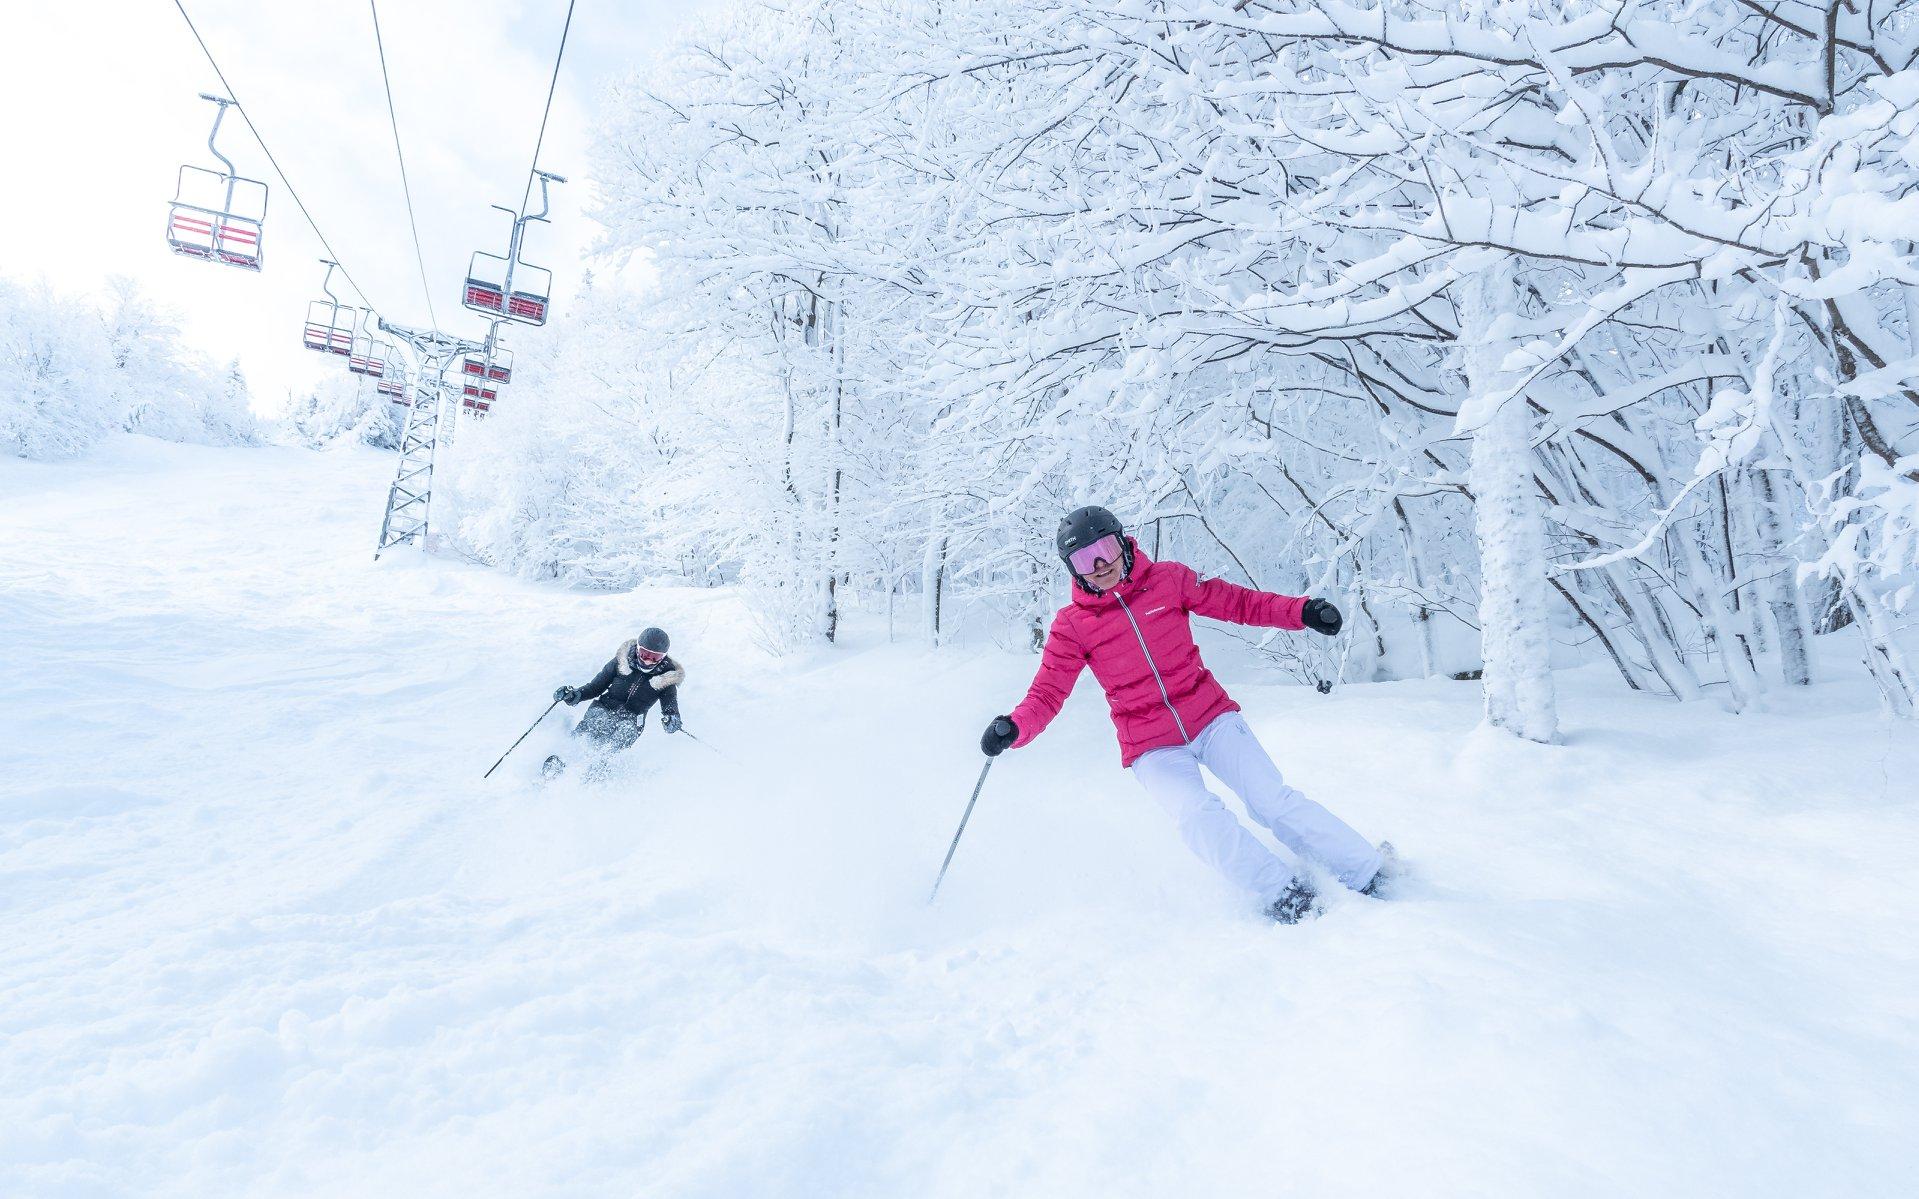 Skieurs dévalant les pistes enneigées au Mont Sutton